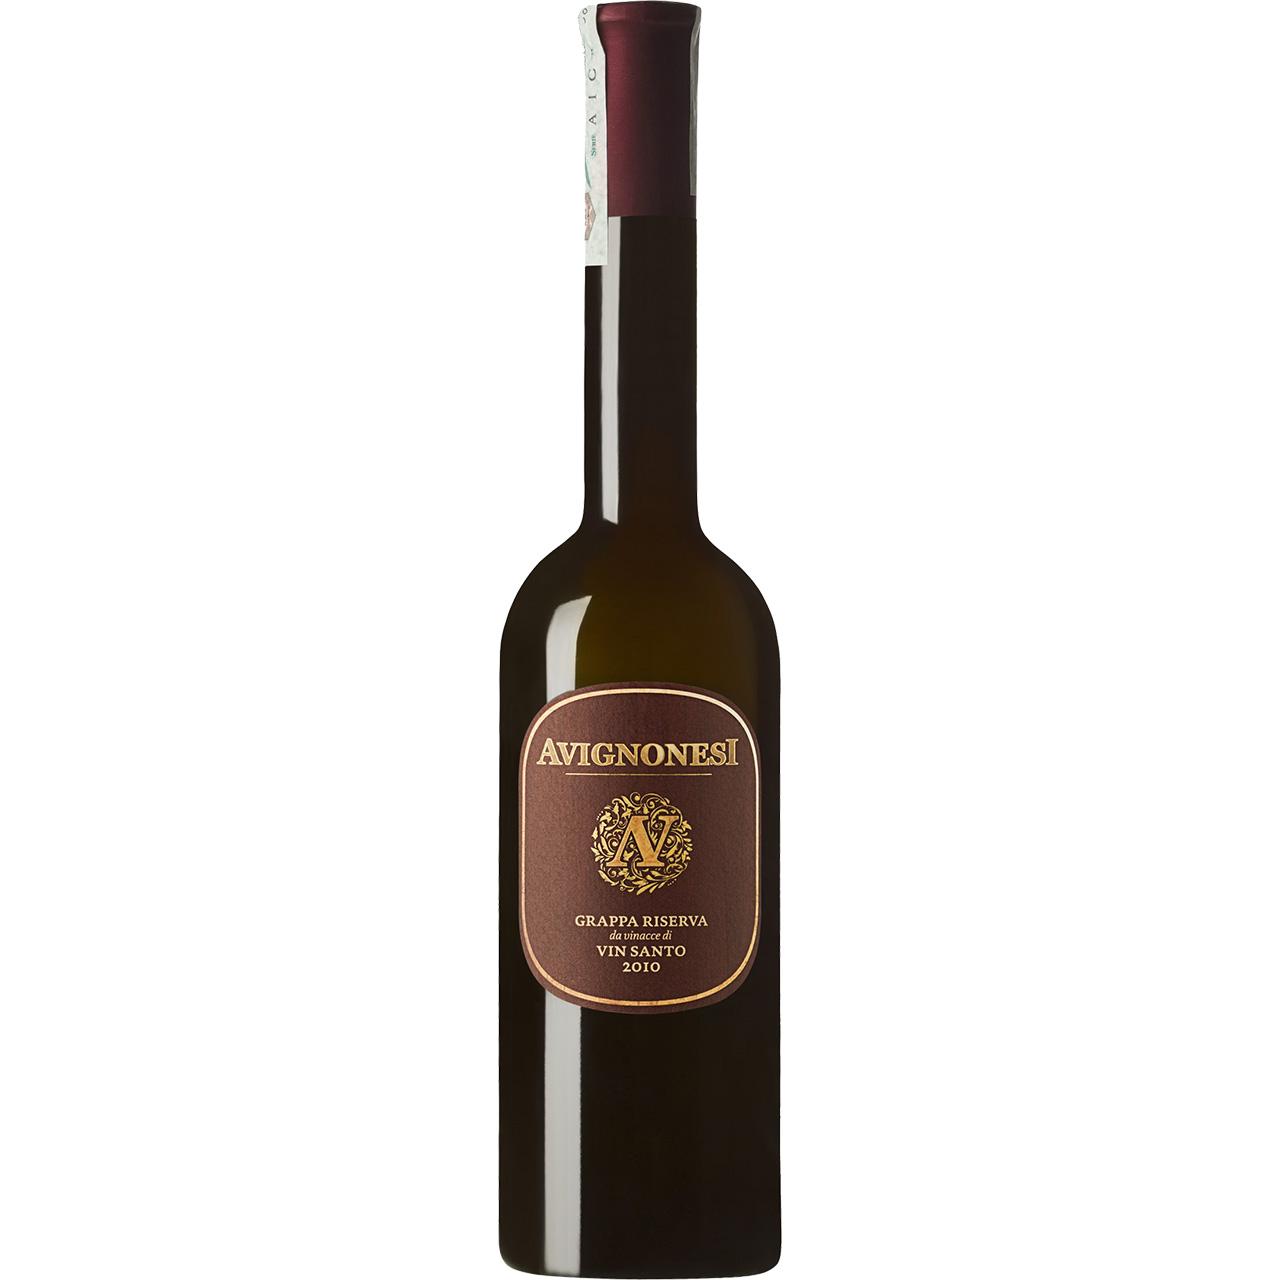 Avignonesi Grappa da Vinacce di Vinsanto Riserva